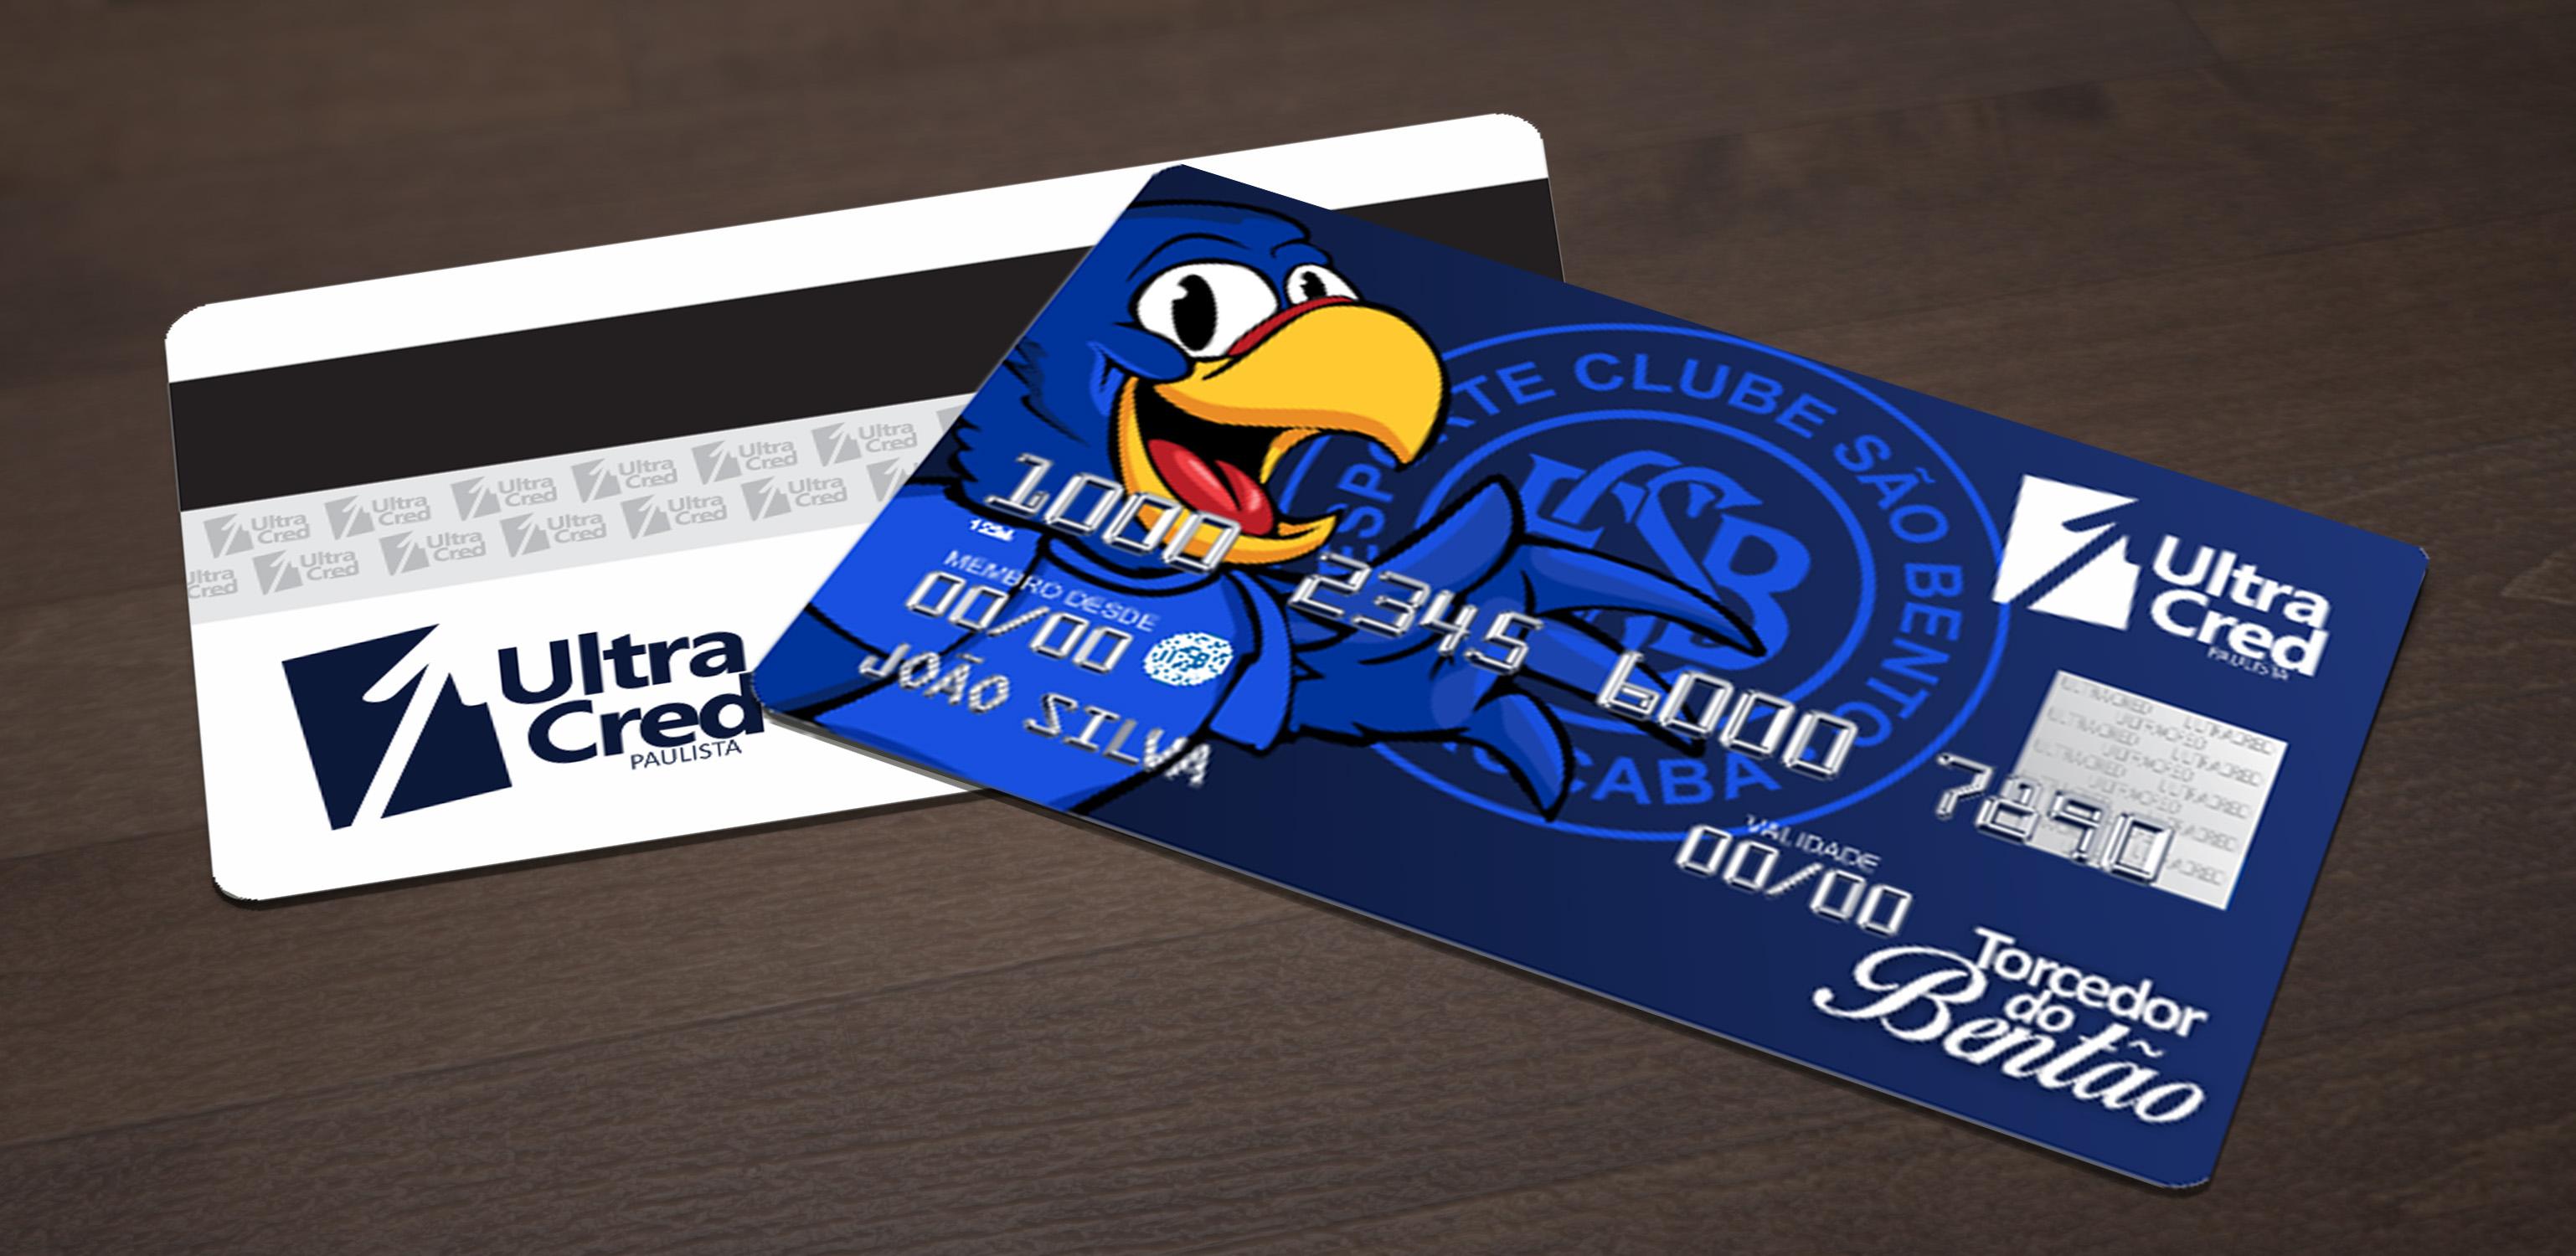 Cartão Ultracred - São Bento